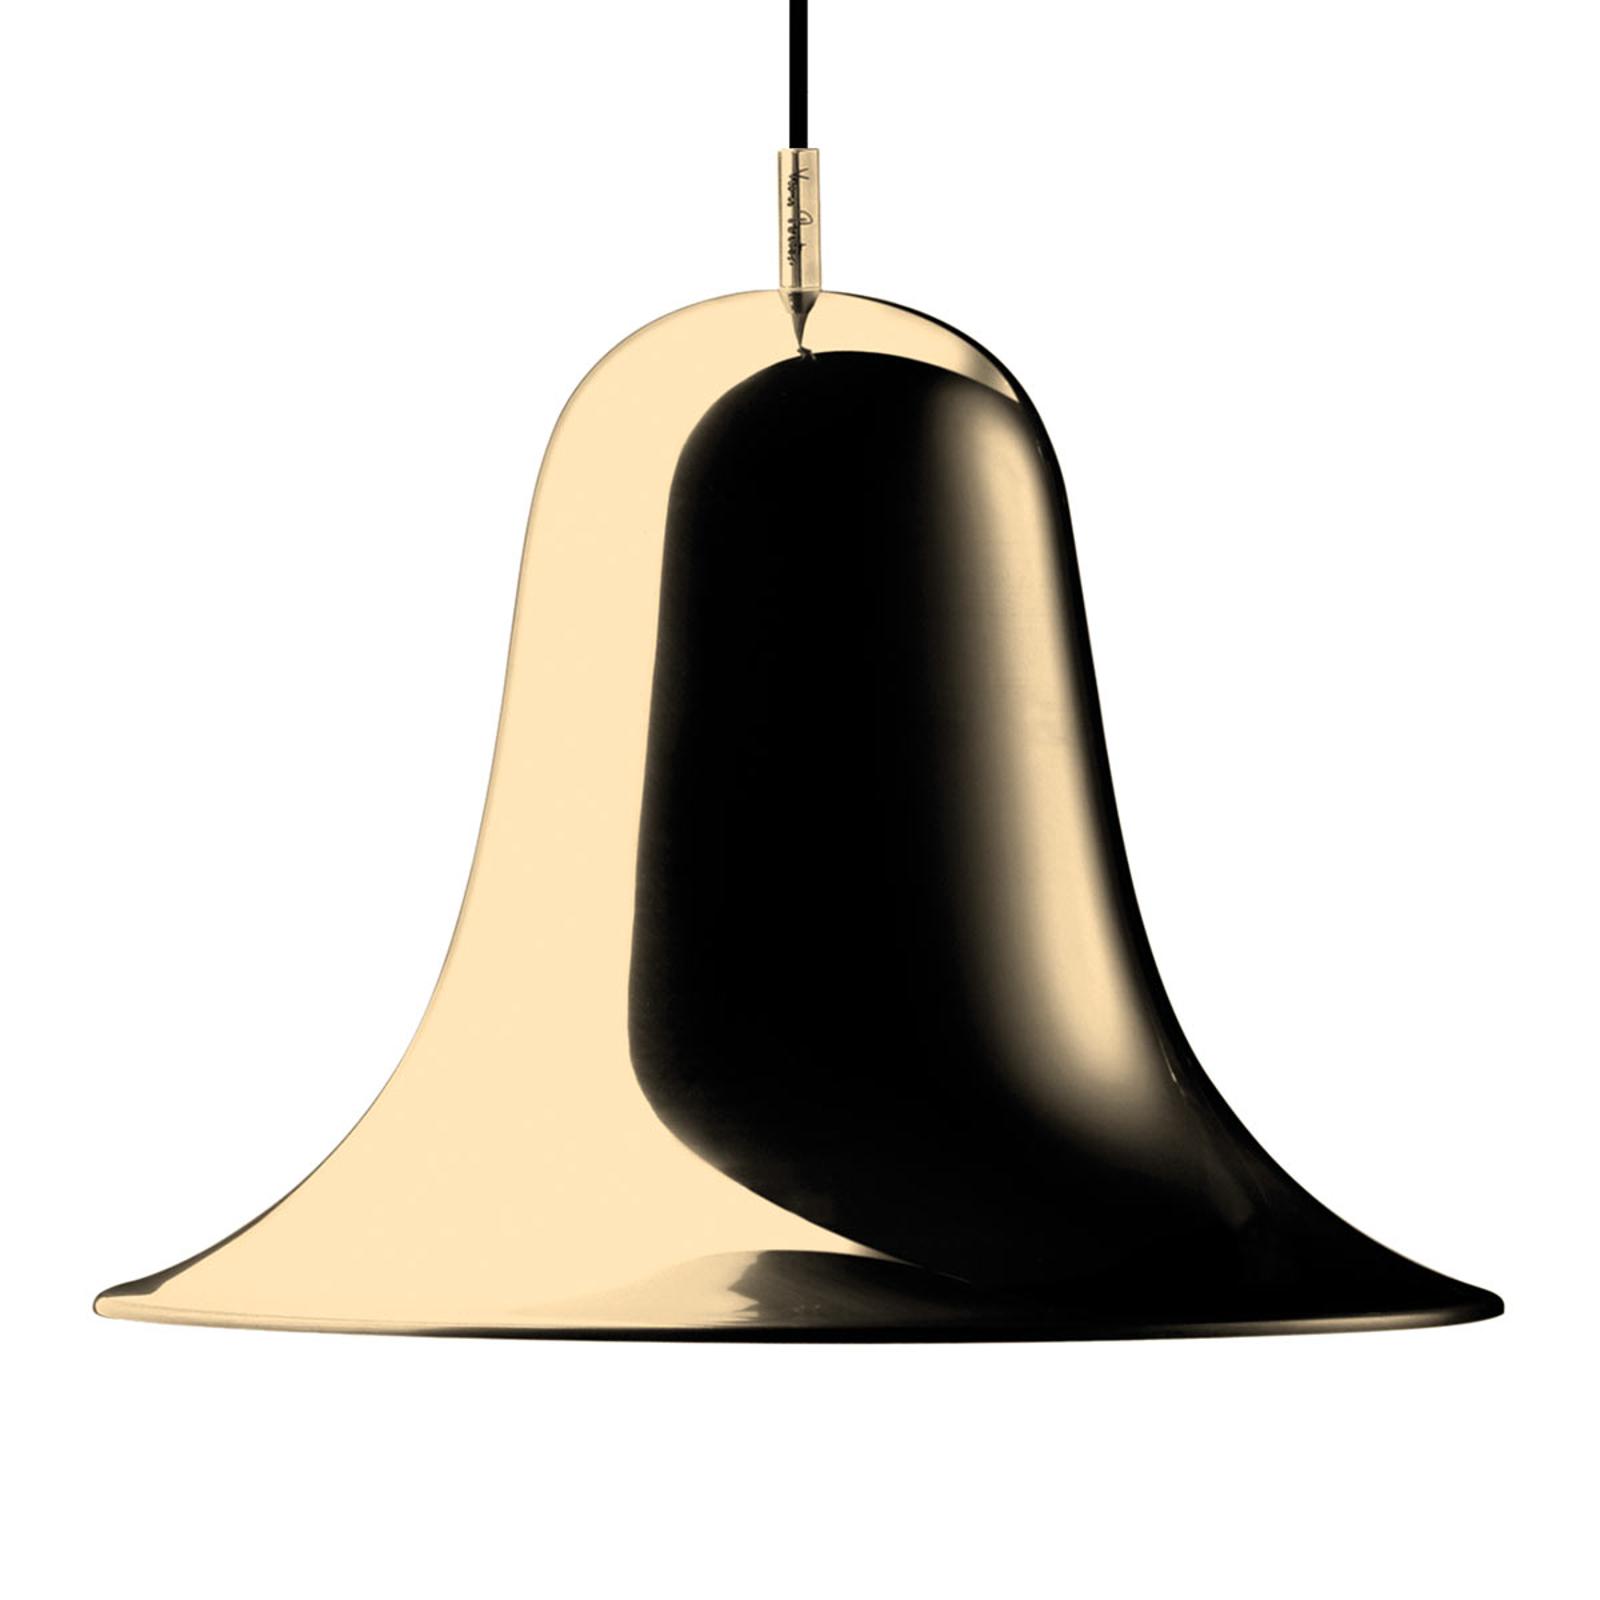 VERPAN Pantop lampa wisząca Ø 30cm mosiądz lśniąca